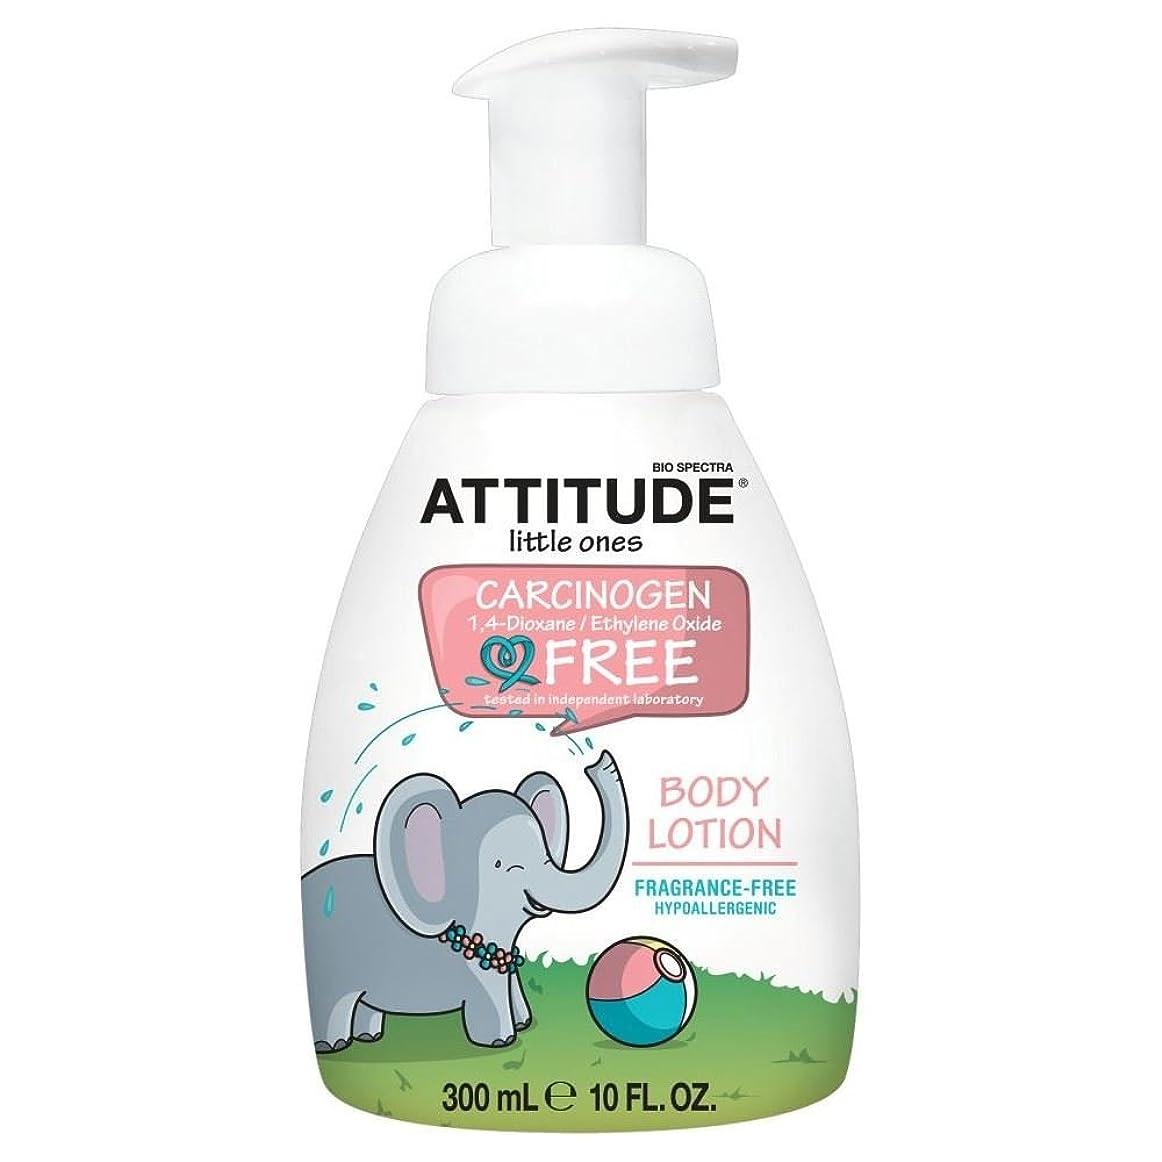 一方、ファンシーデザートAttitude Little Ones Body Lotion - Fragrance Free (295ml) 態度の小さなものボディローション - 無香料( 295ミリリットル)